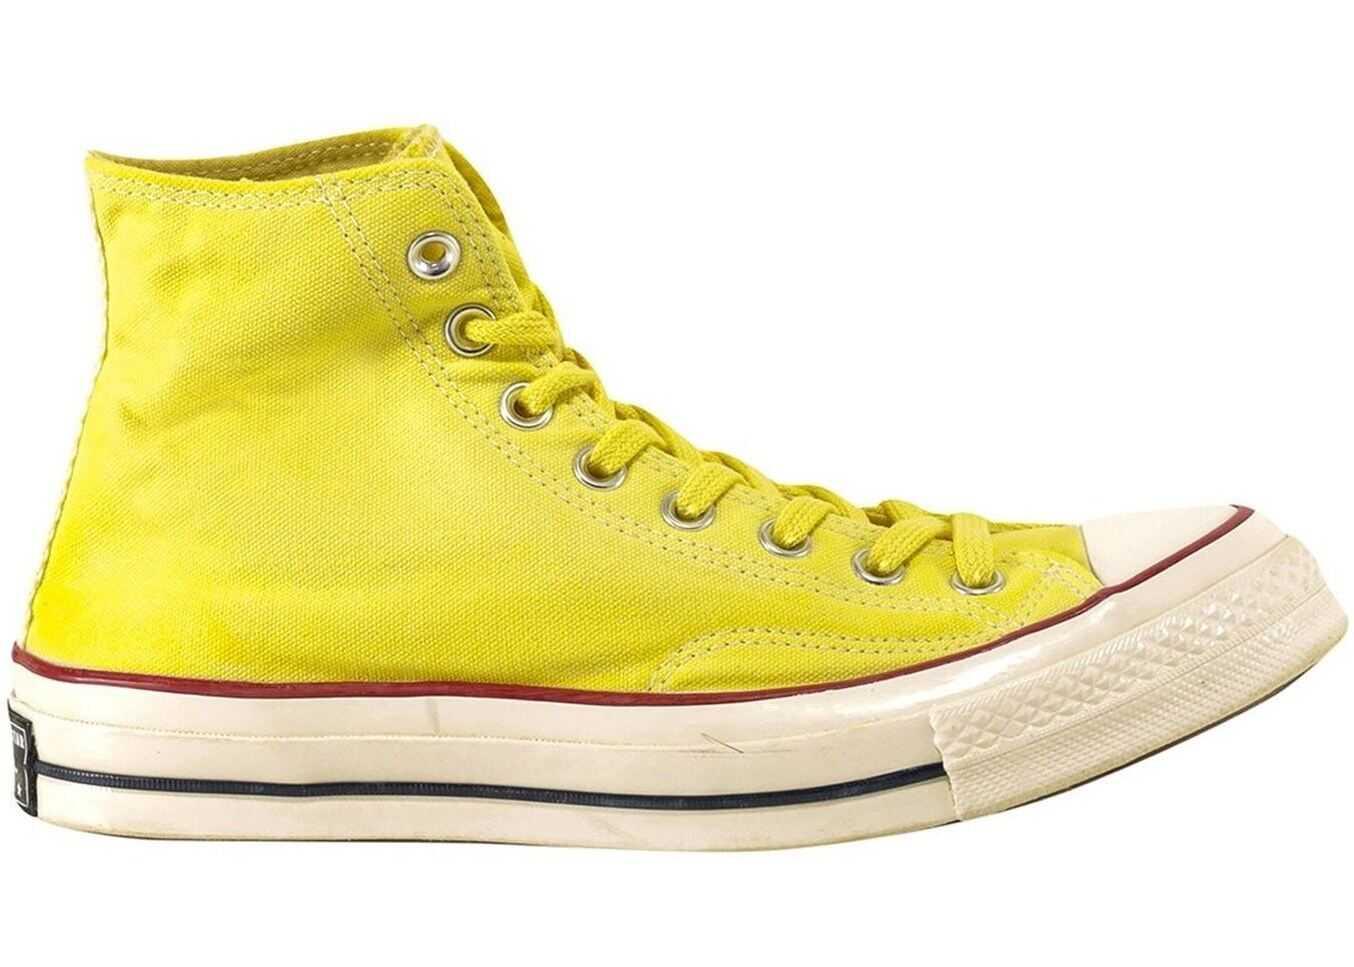 Converse Chuck 70 Hi-Top Sneakers In Yellow 171020C913 Yellow imagine b-mall.ro